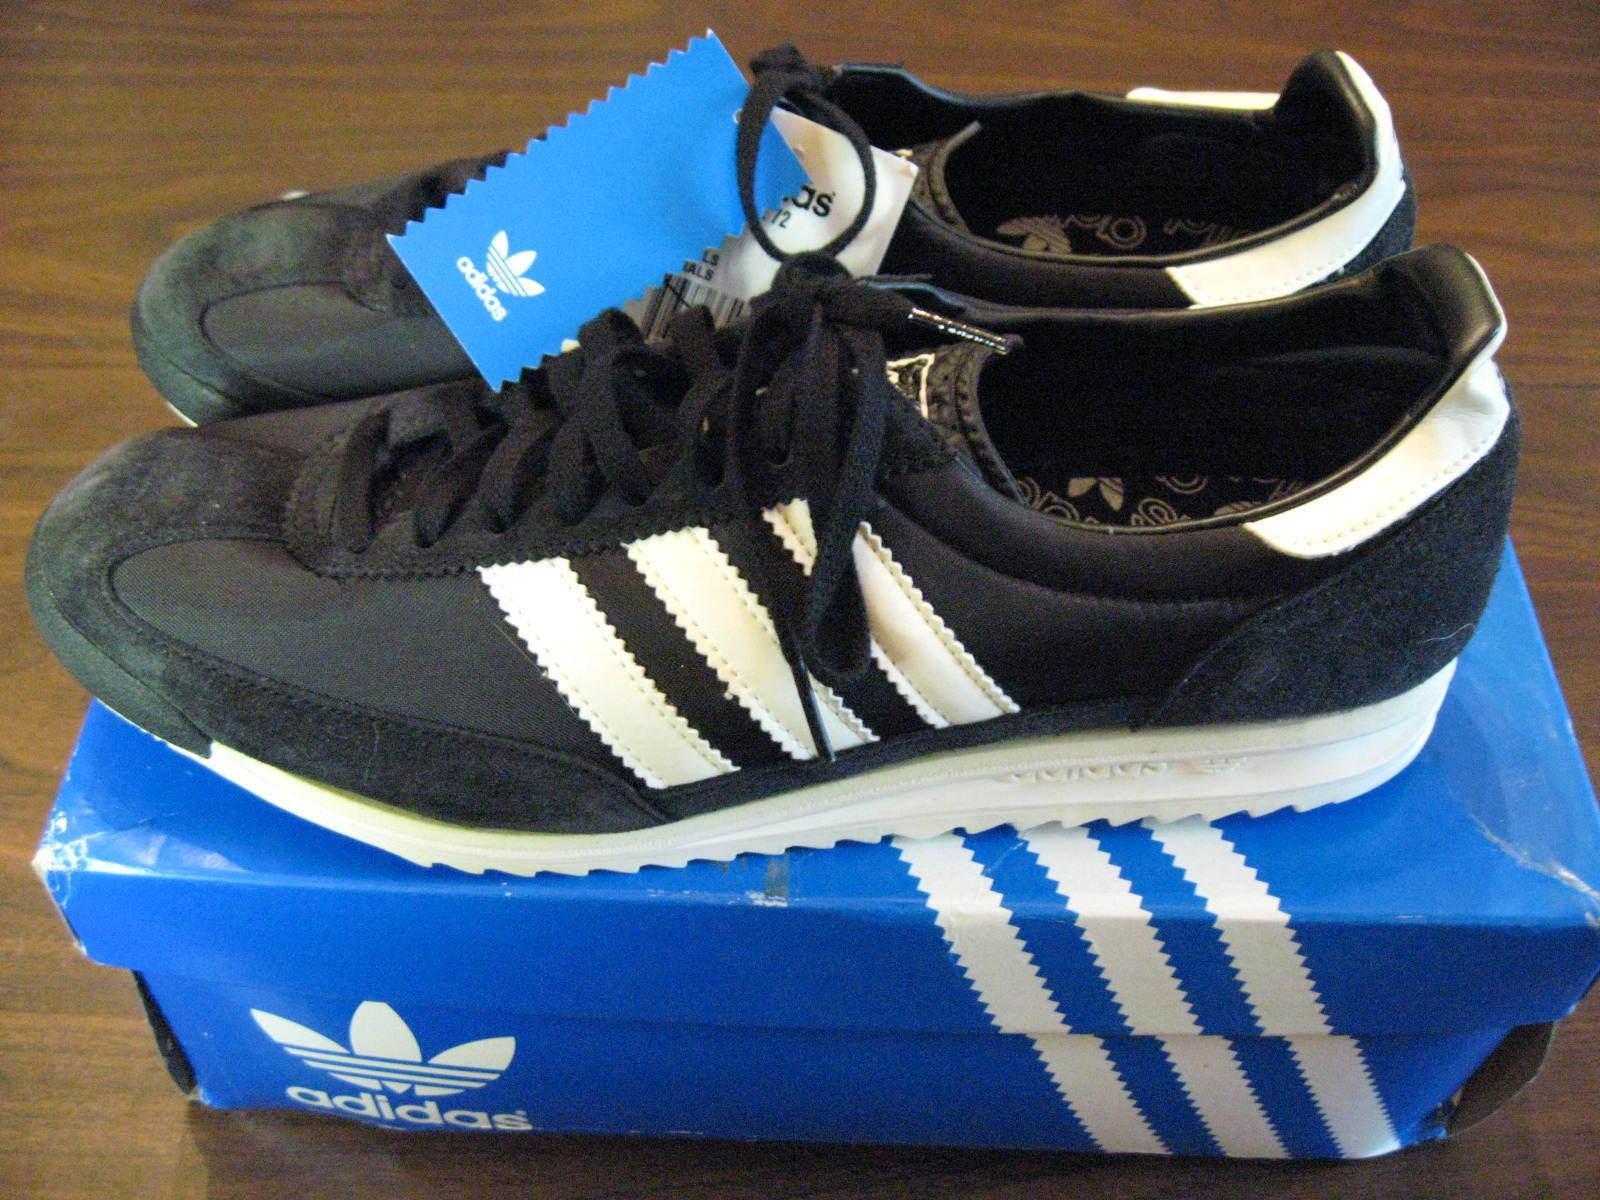 Adidas Negro Originals SL 72 Retro Negro Adidas pista de entrenamiento Zapatos  para Hombre Nuevo Con Caja 88f4db